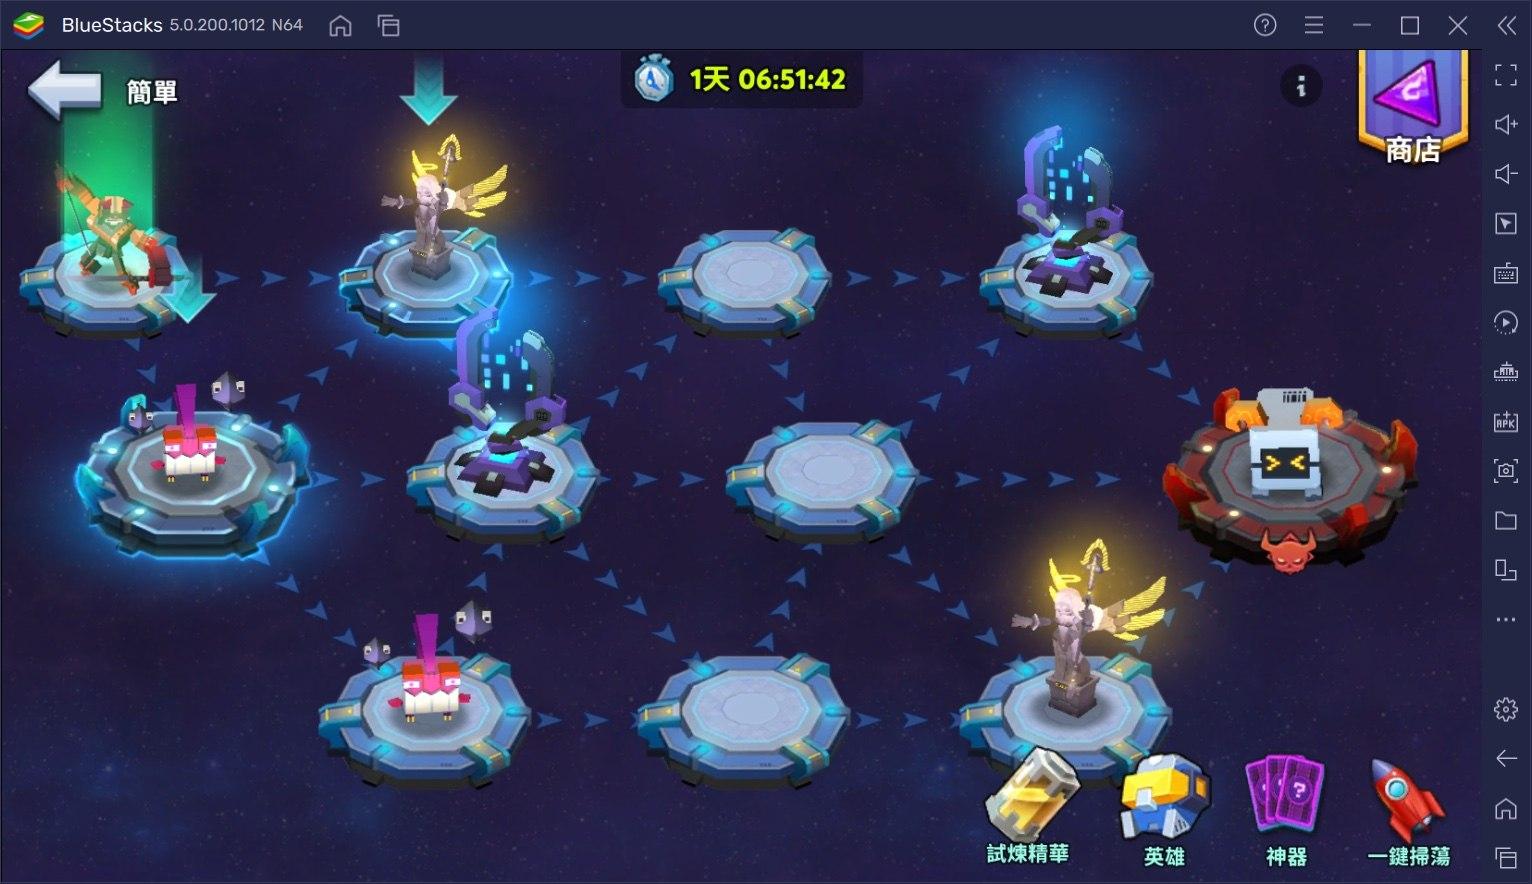 如何使用BlueStacks在電腦上玩放置RPG《不休戰隊》